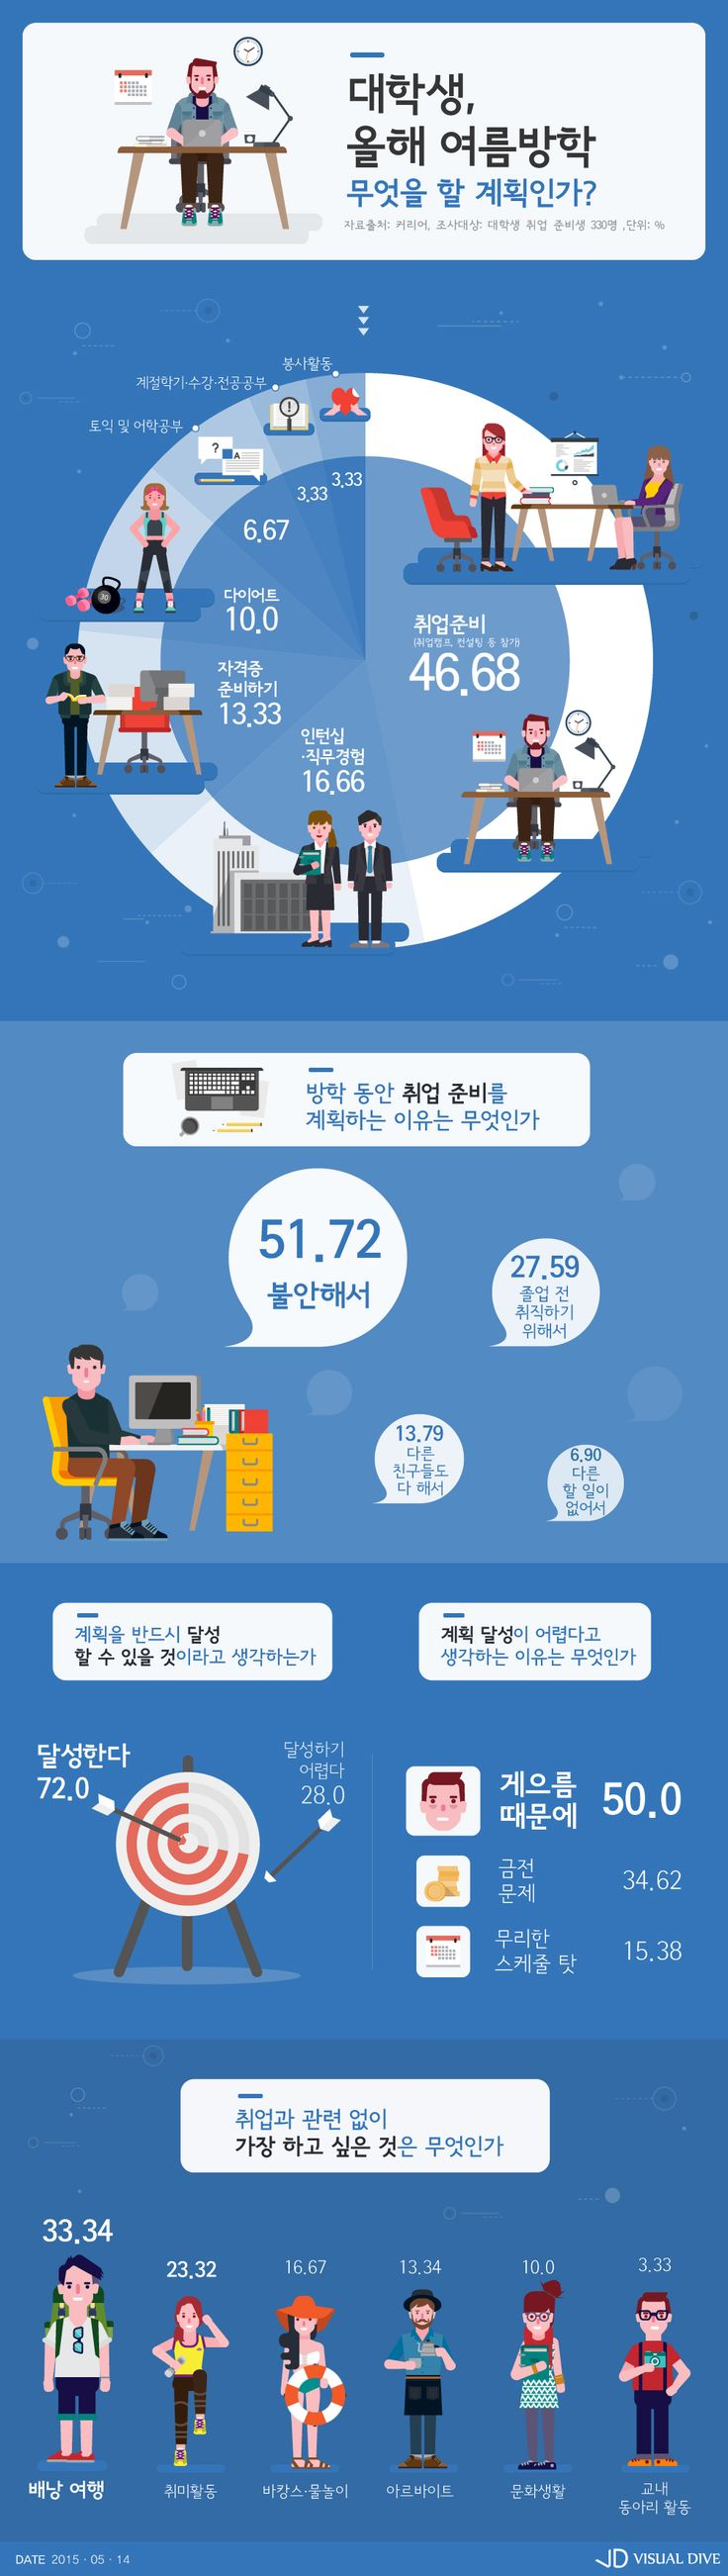 """대학생, 올 여름방학 계획은? """"'다이어트'보다 '이것'이 더 우선"""" [인포그래픽] #summer vacation / #Infographic ⓒ…"""